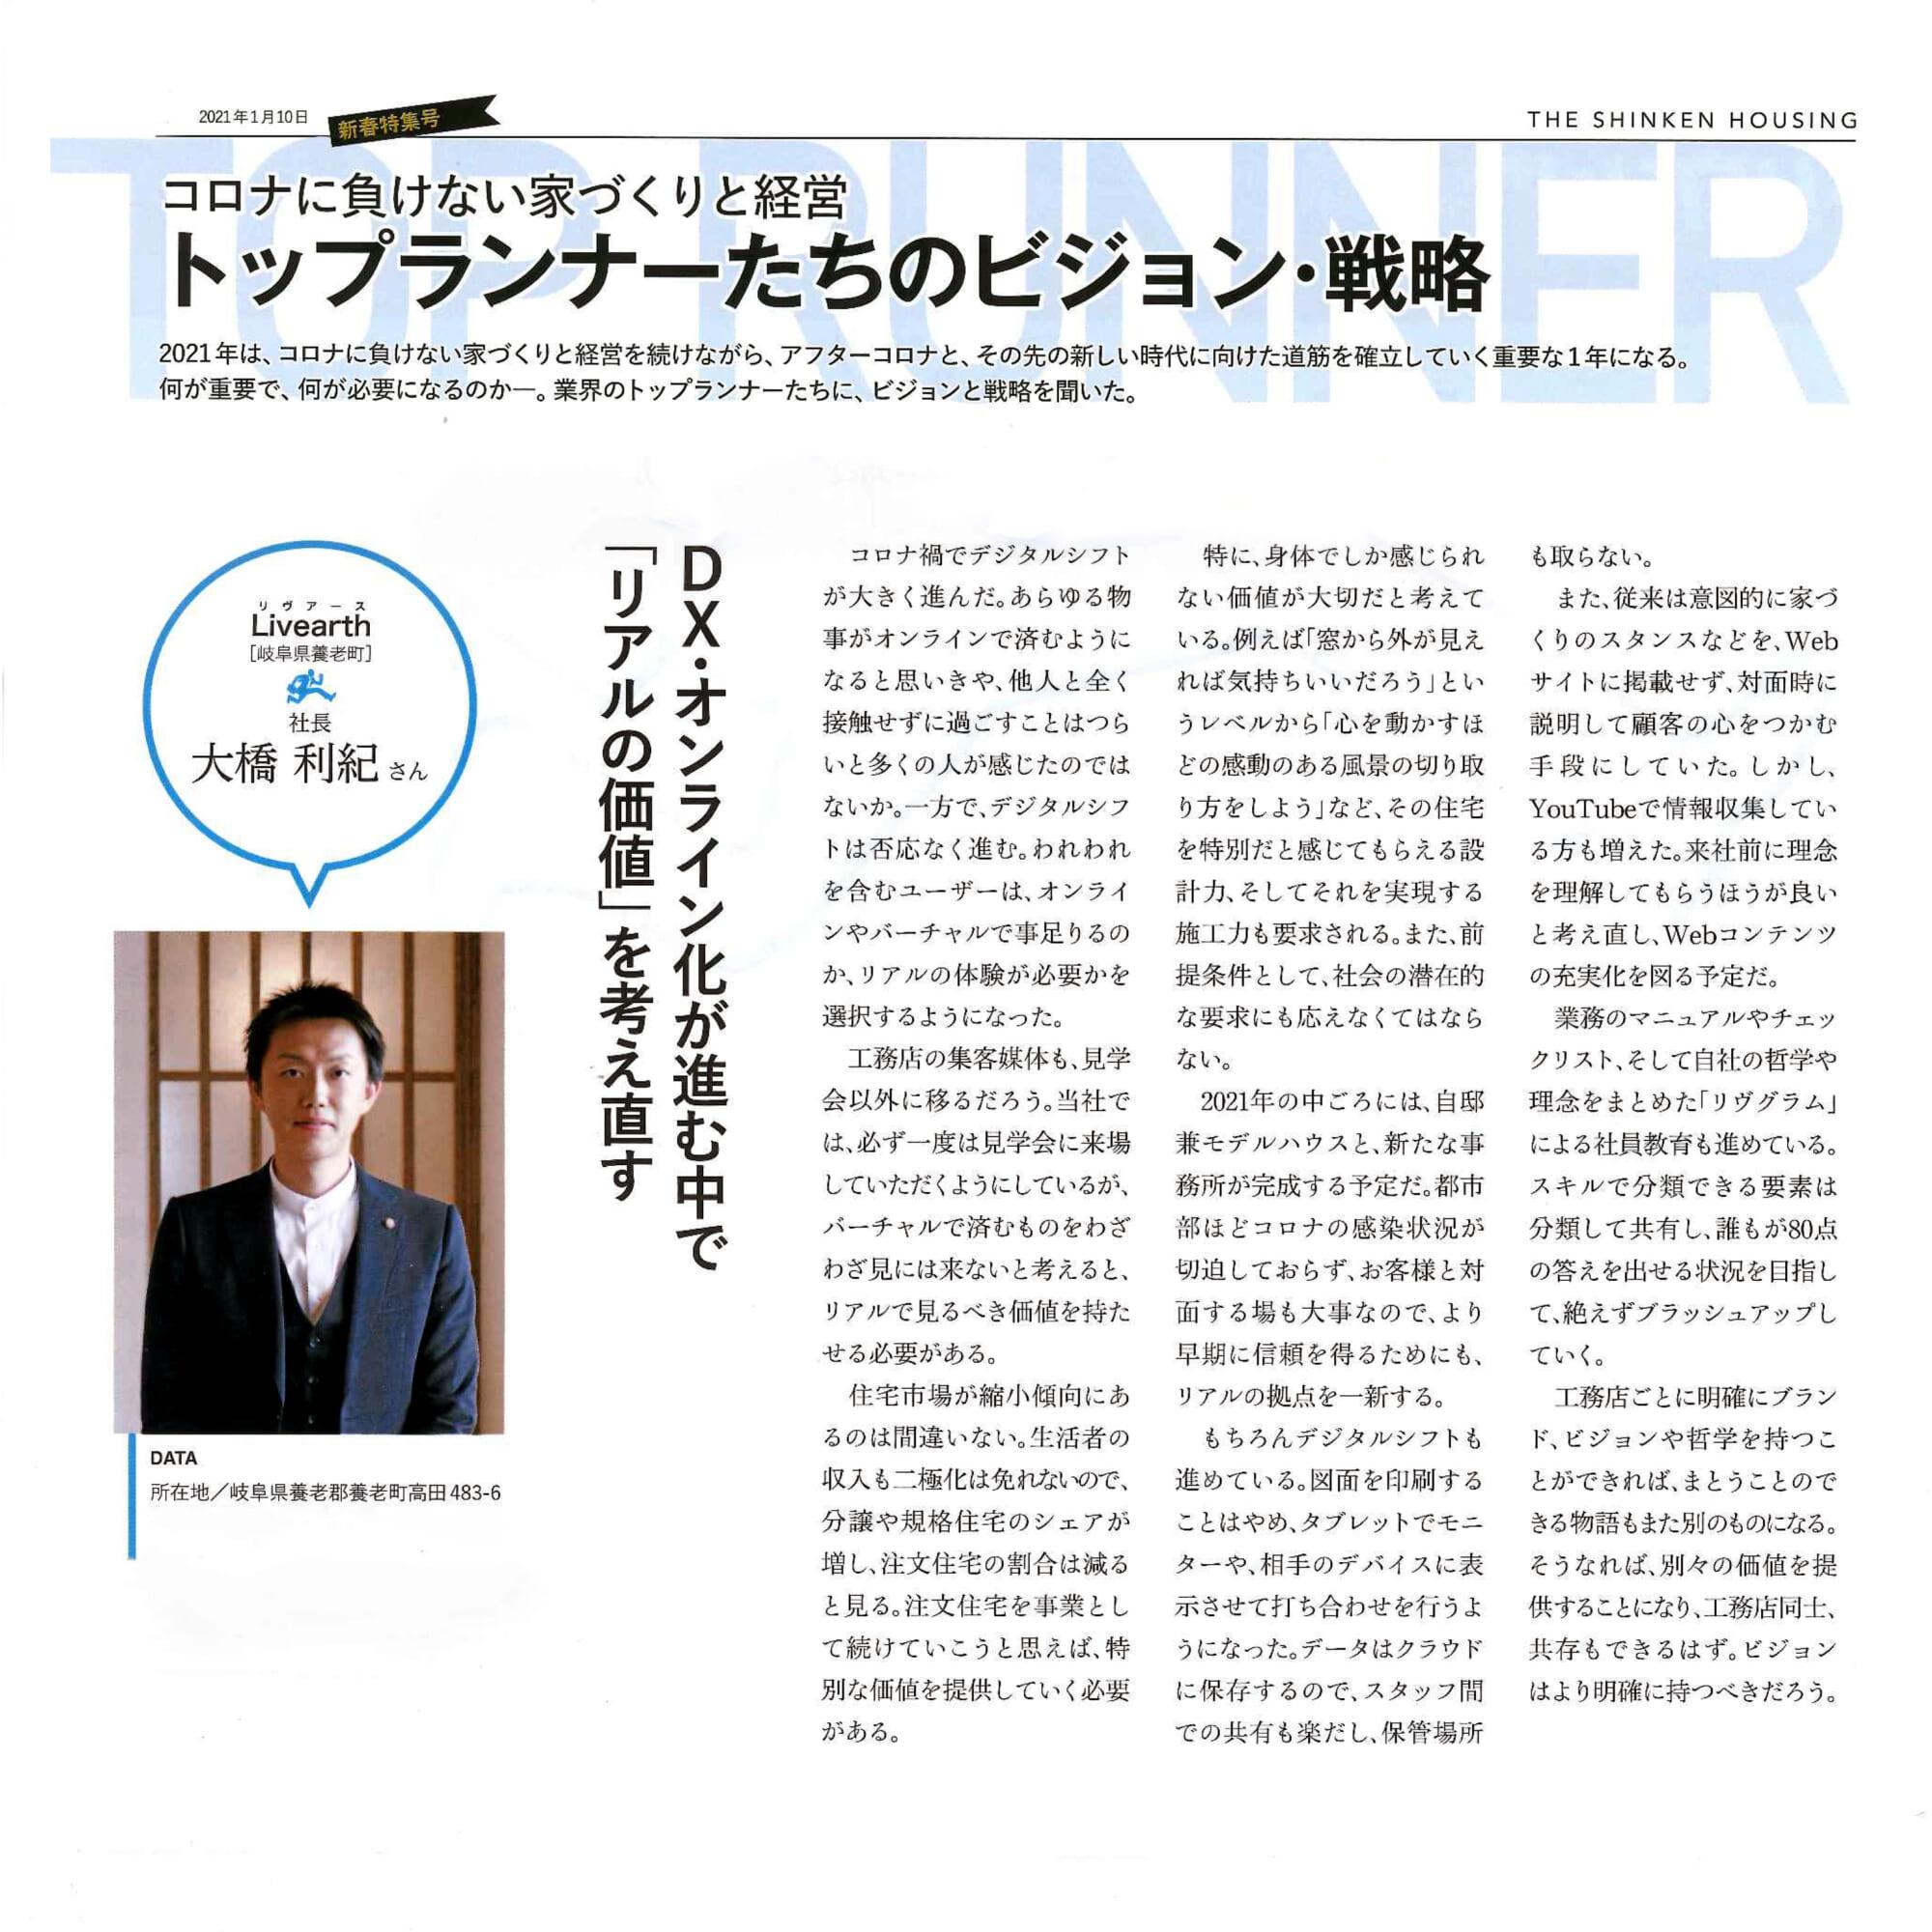 【掲載】新建ハウジング 新春特集号 トップランナーたちのビジョン・戦略